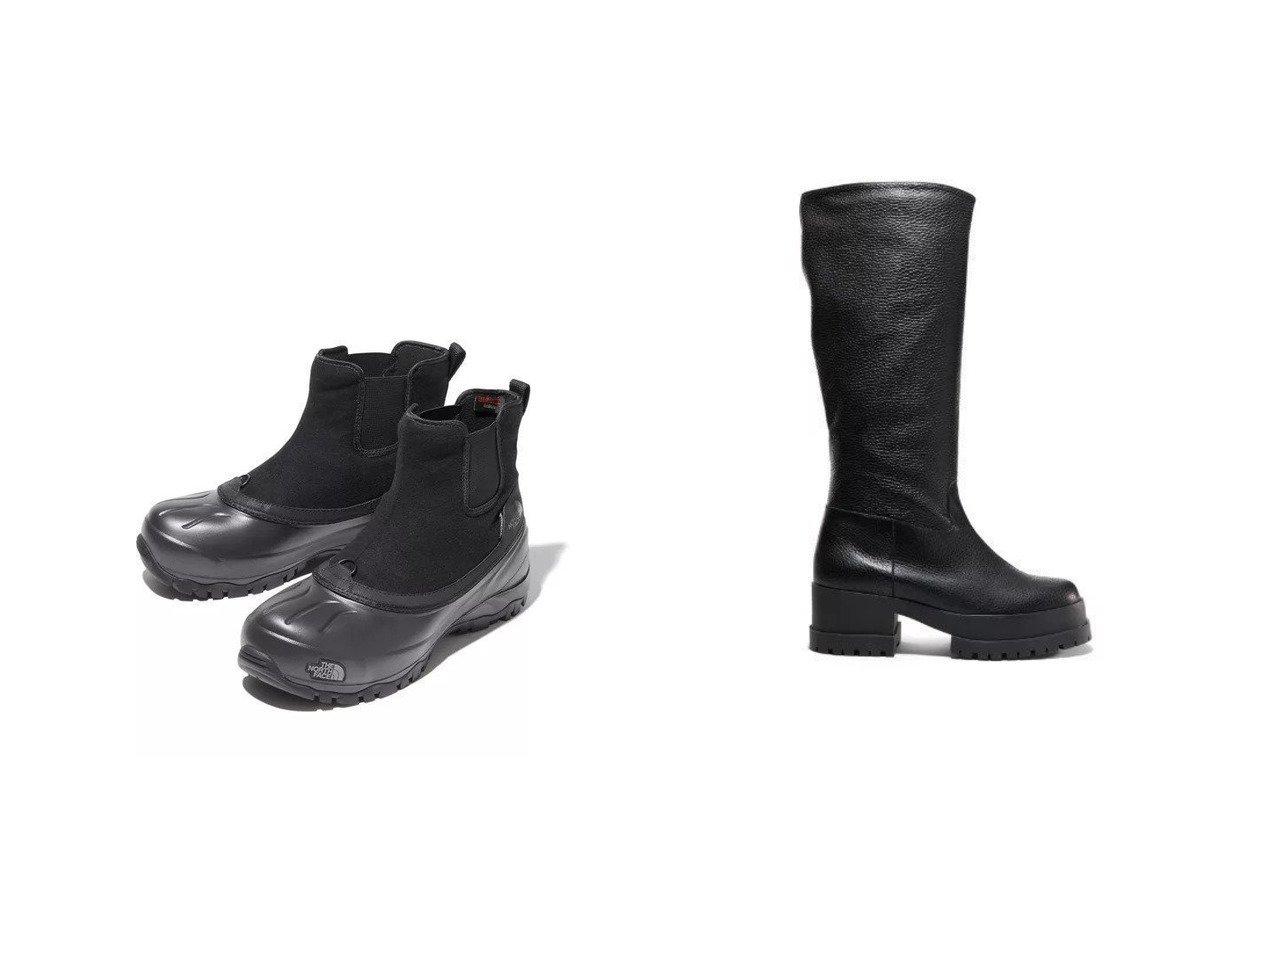 【CLERGERIE/クレジュリー】のWENDEL ゴム底ロングブーツ&【THE NORTH FACE/ザ ノース フェイス】のSnow Shot Pull-On 【シューズ・靴】おすすめ!人気、トレンド・レディースファッションの通販  おすすめで人気の流行・トレンド、ファッションの通販商品 インテリア・家具・メンズファッション・キッズファッション・レディースファッション・服の通販 founy(ファニー) https://founy.com/ ファッション Fashion レディースファッション WOMEN シューズ ショート ボトム モダン ロング |ID:crp329100000062305